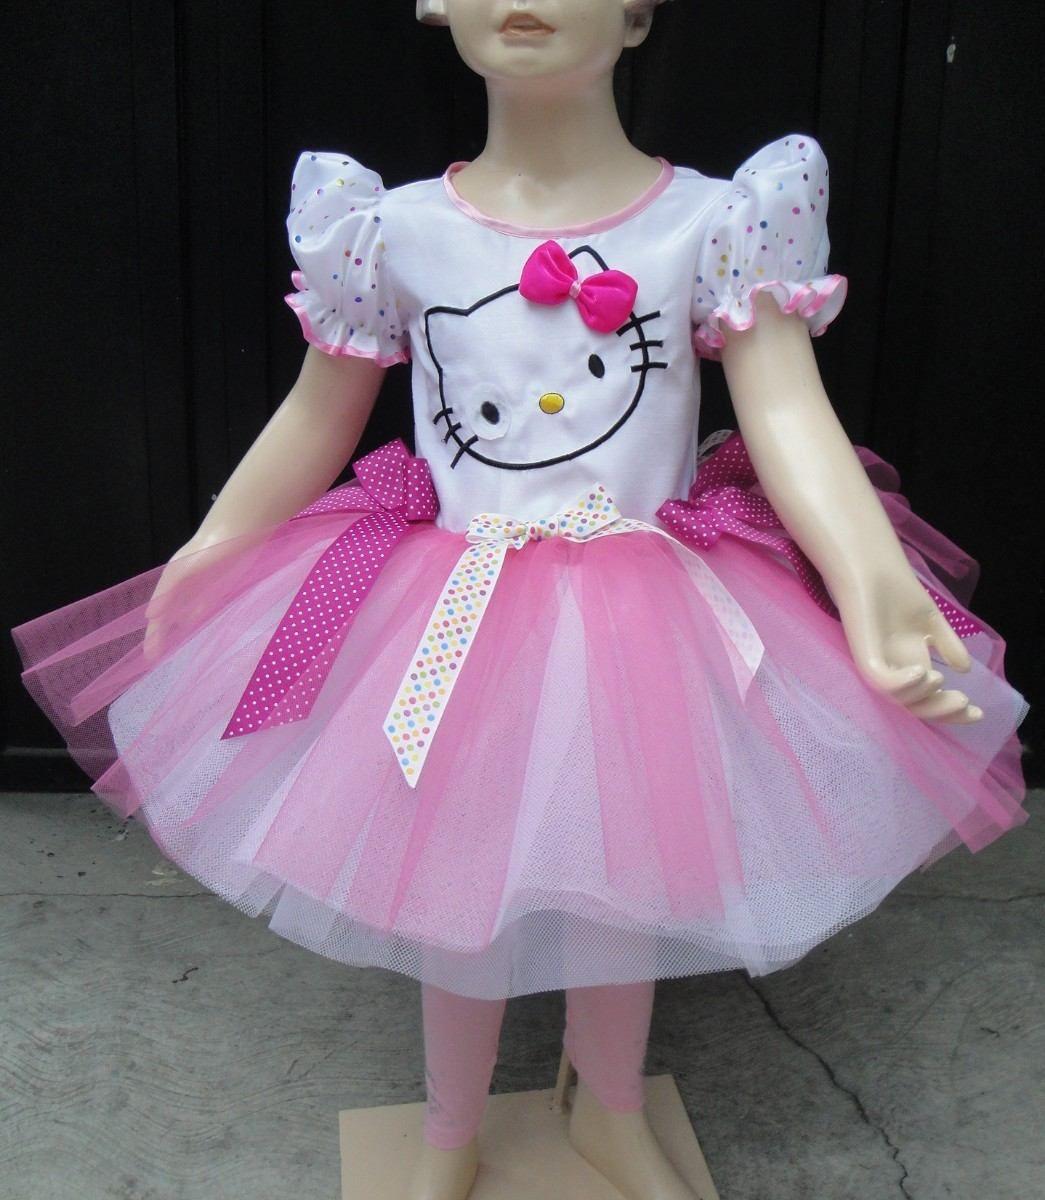 Disfraz Vestido Estilo Hello Kitty De Lujo Con Accesorios - $ 390.00 ...